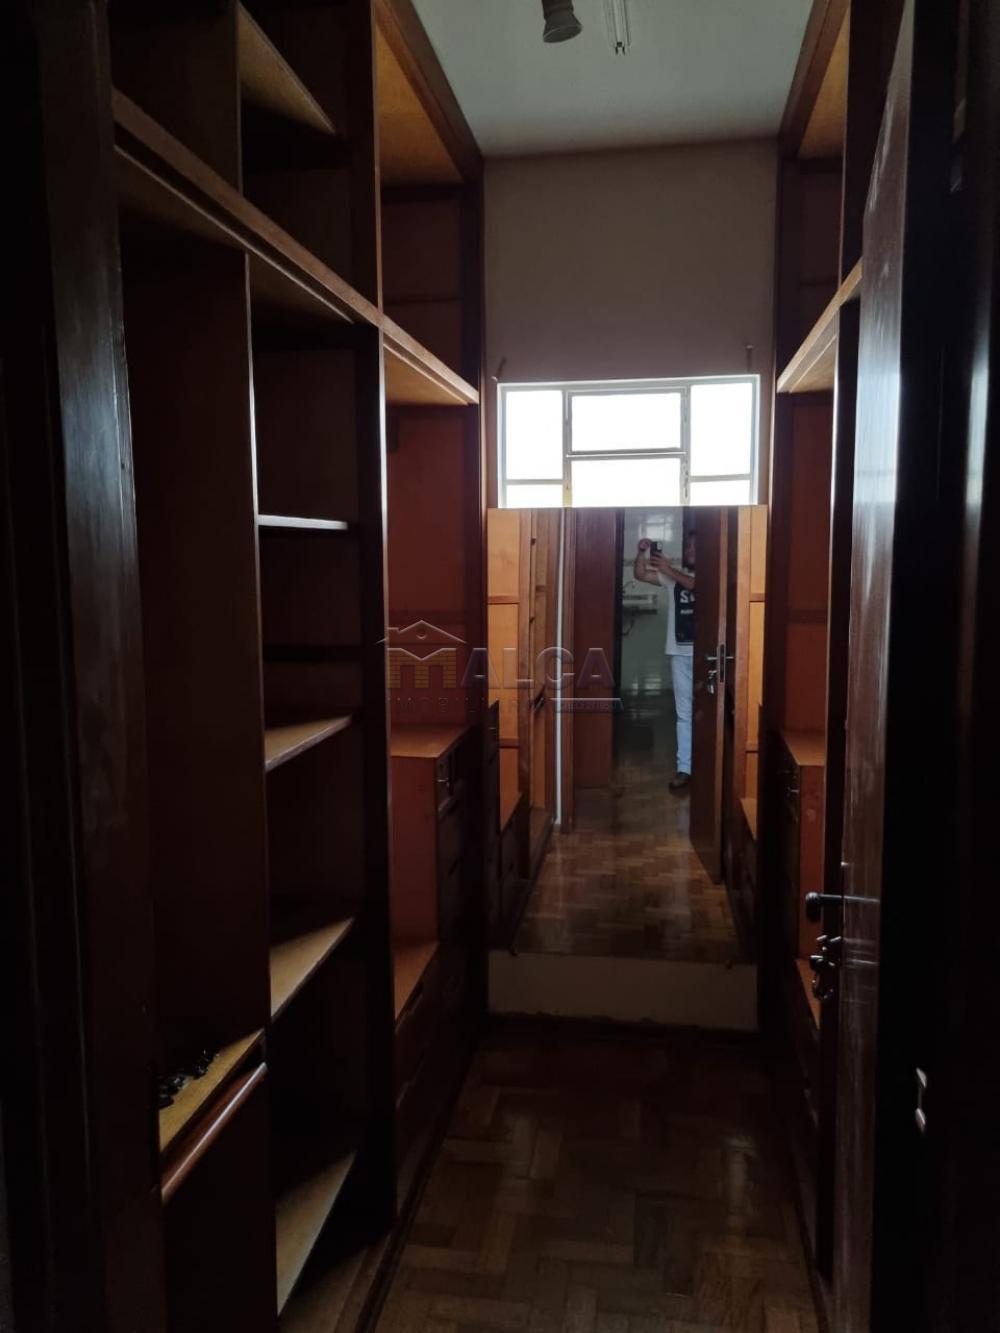 Alugar Casas / Padrão em São José do Rio Pardo R$ 2.950,00 - Foto 24